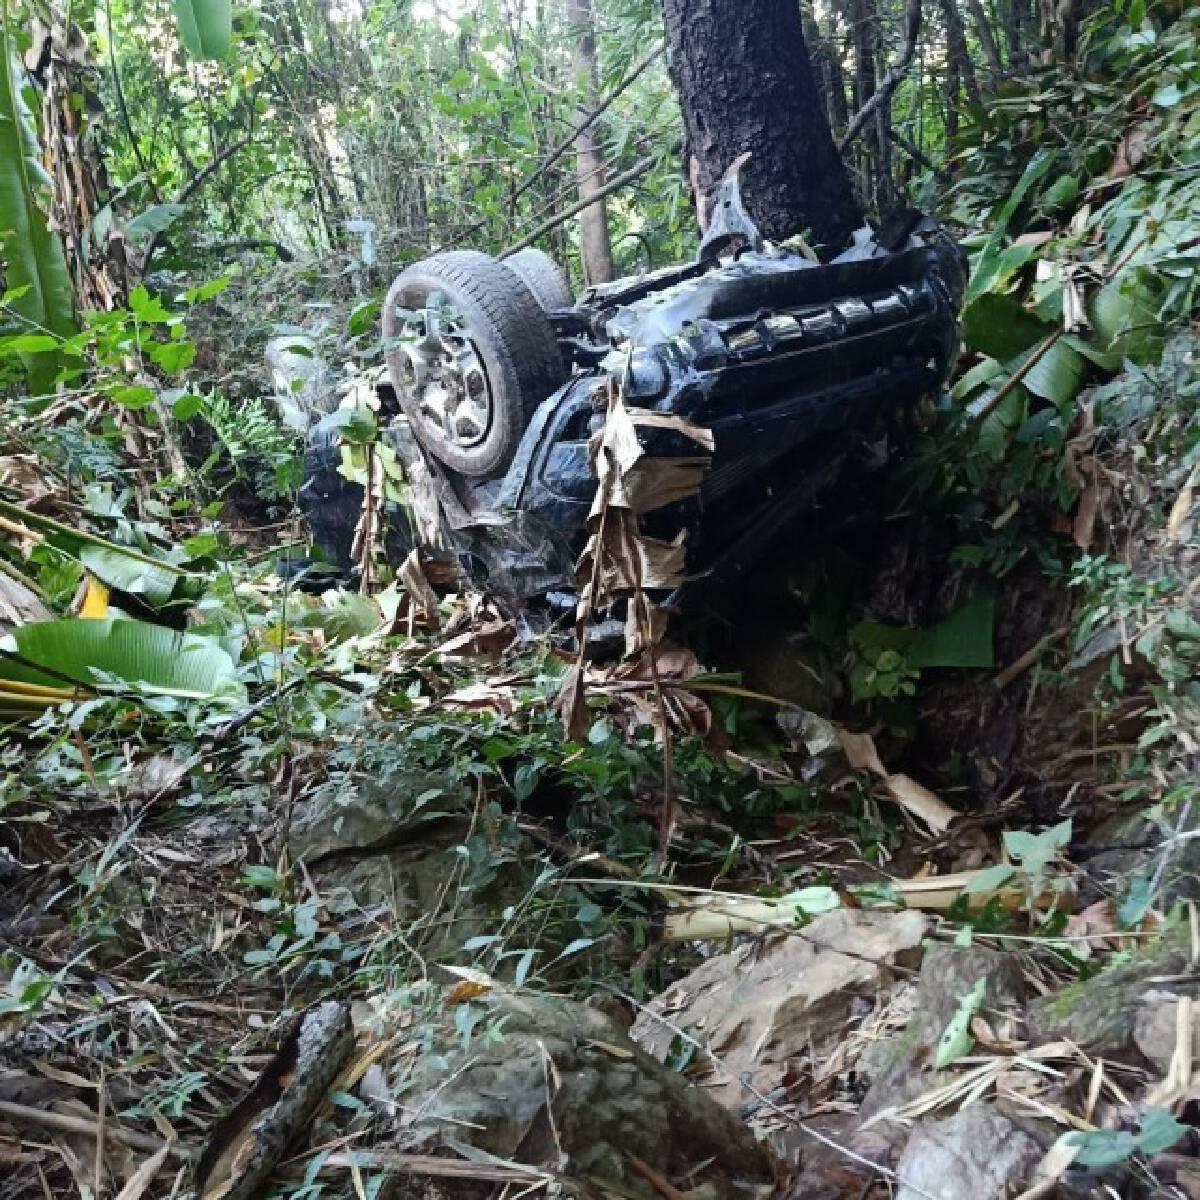 2หนุ่มขับรถตกเหวลึก-รอดตายปาฏิหาริย์